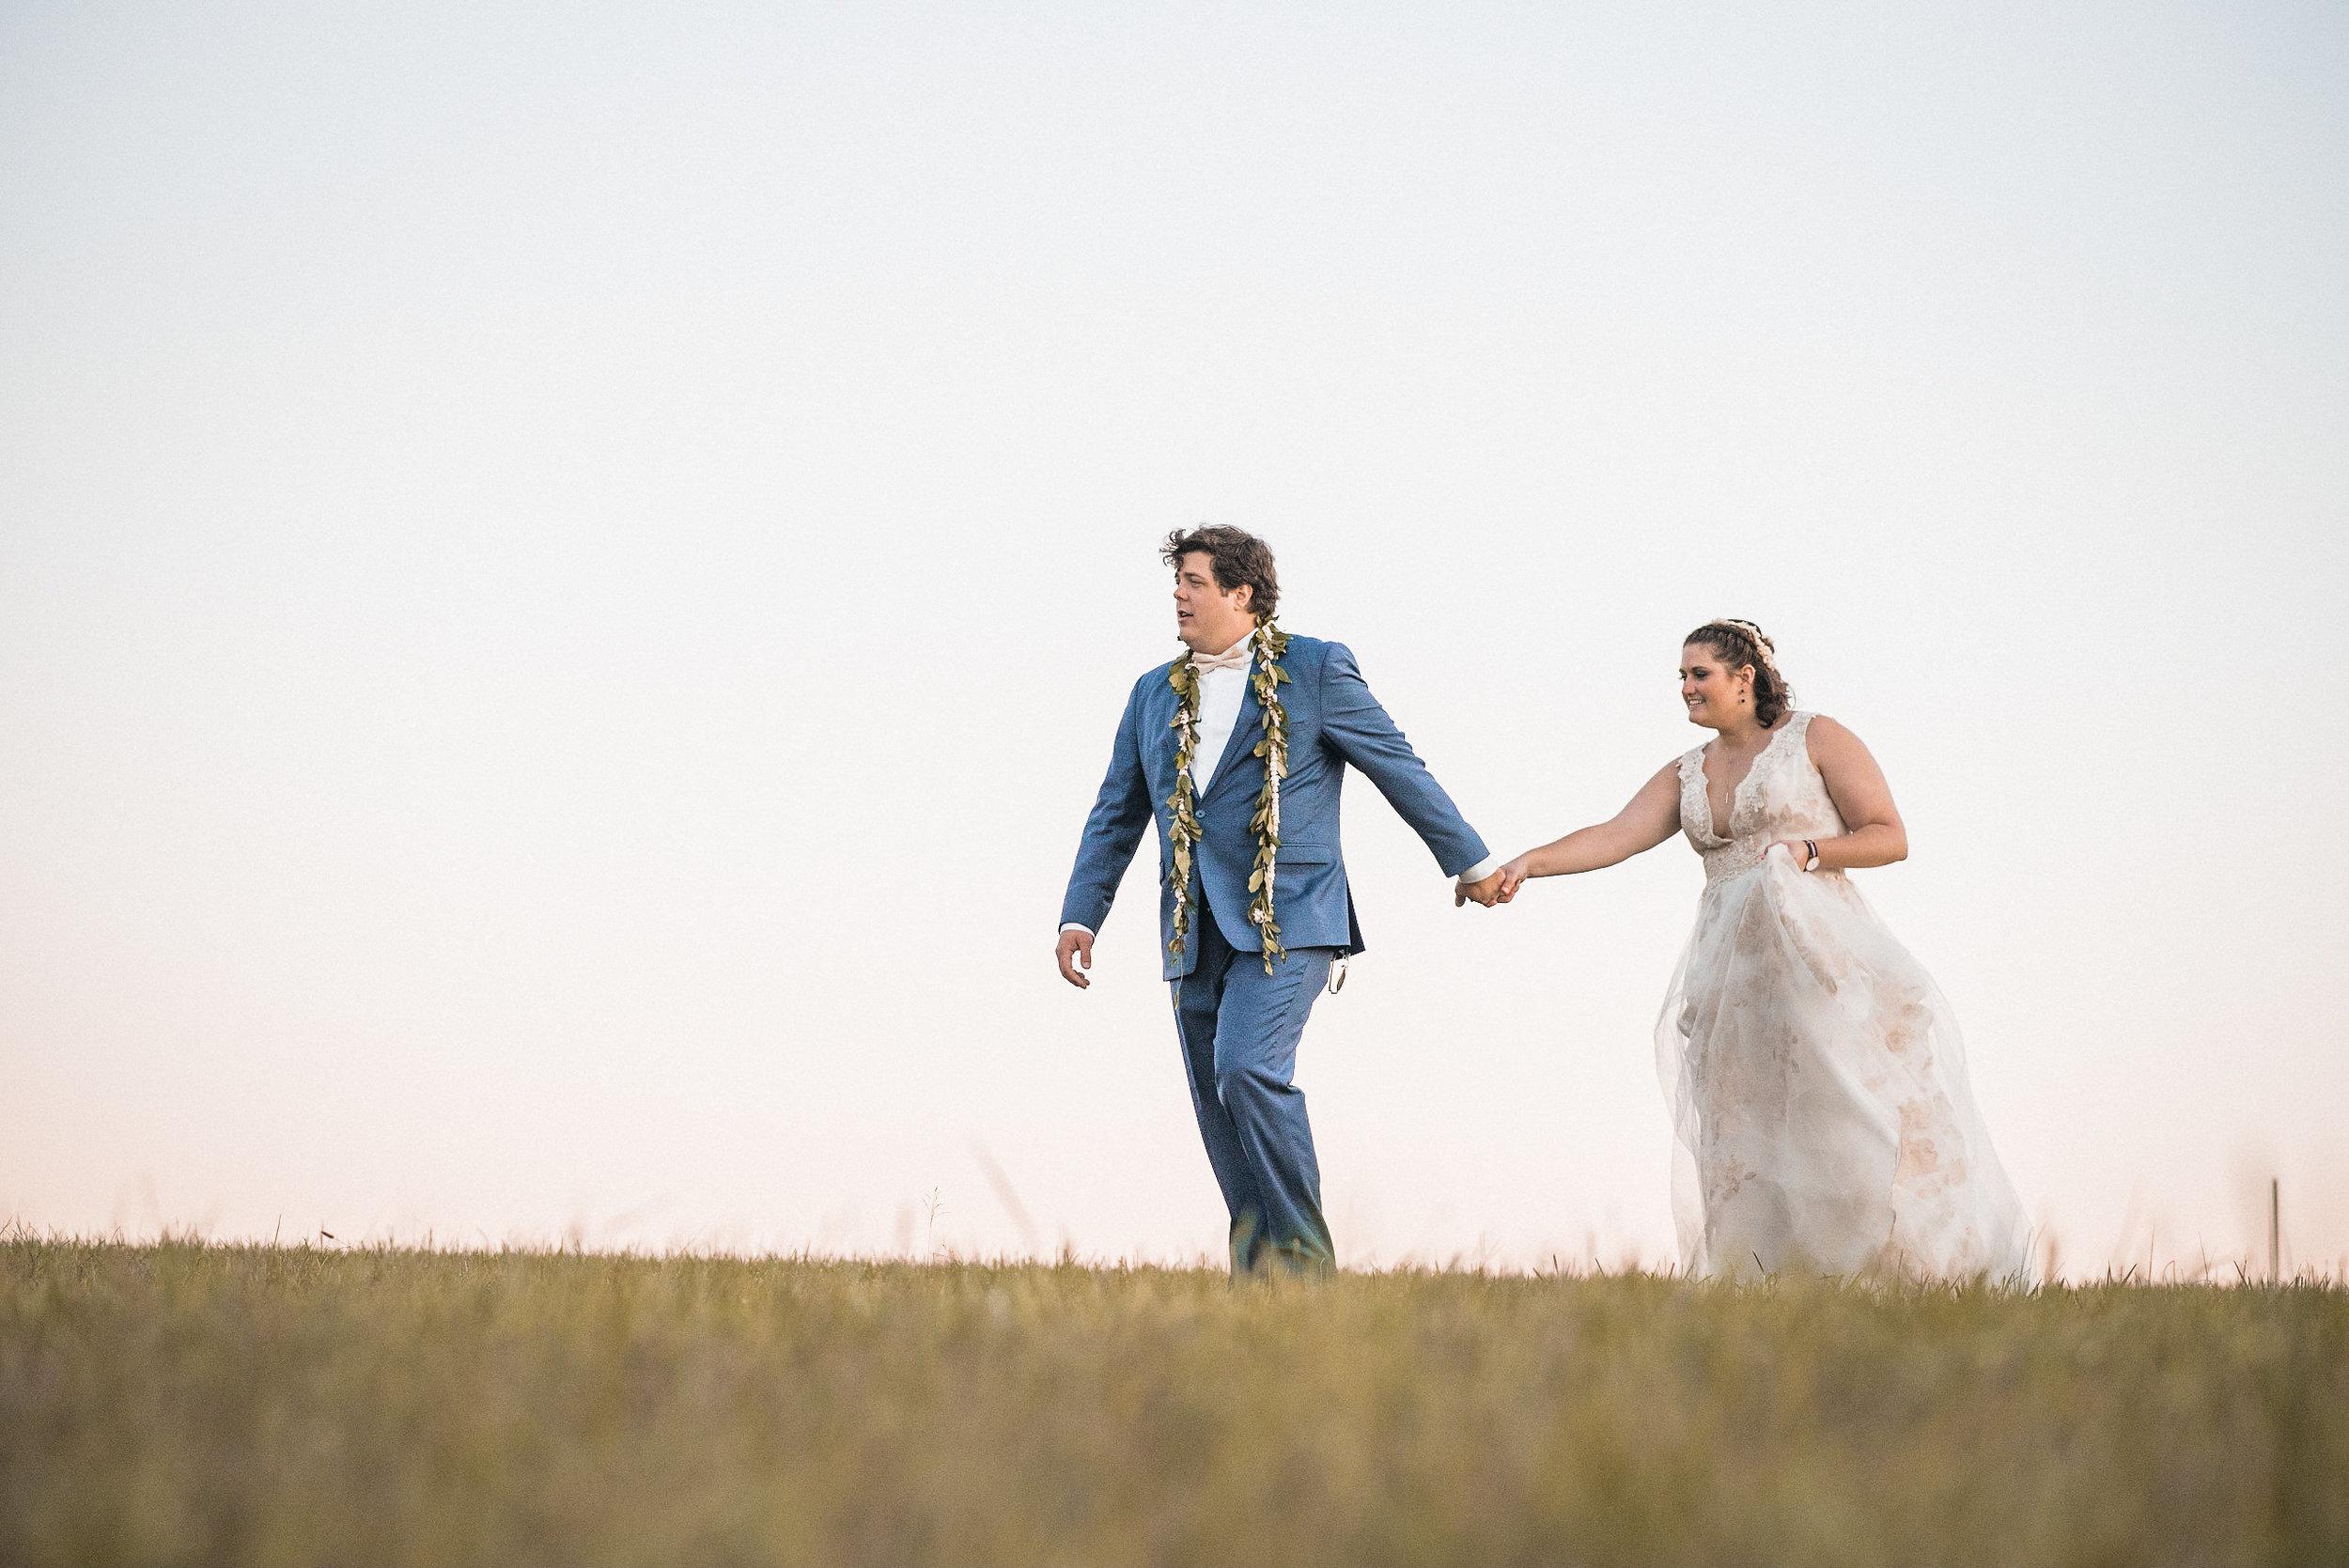 groom leading bride across field